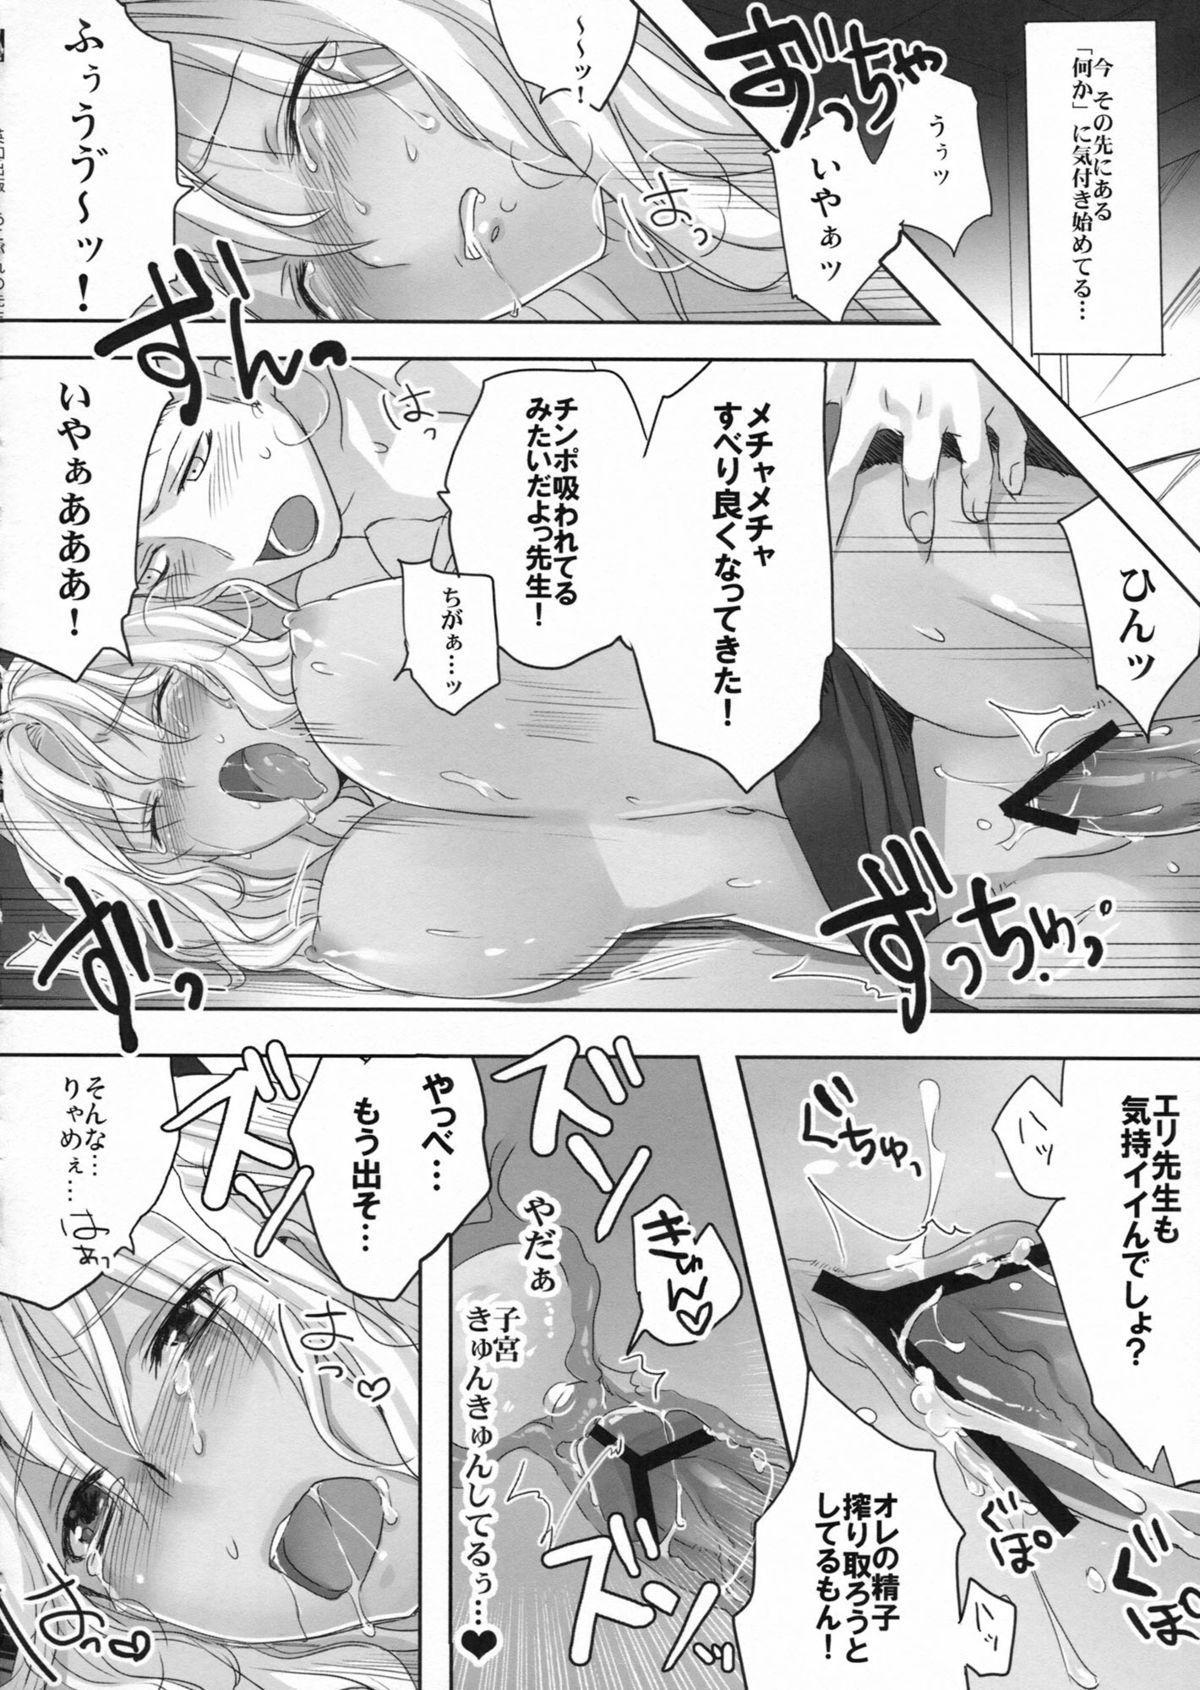 Akogare no Sensei 16